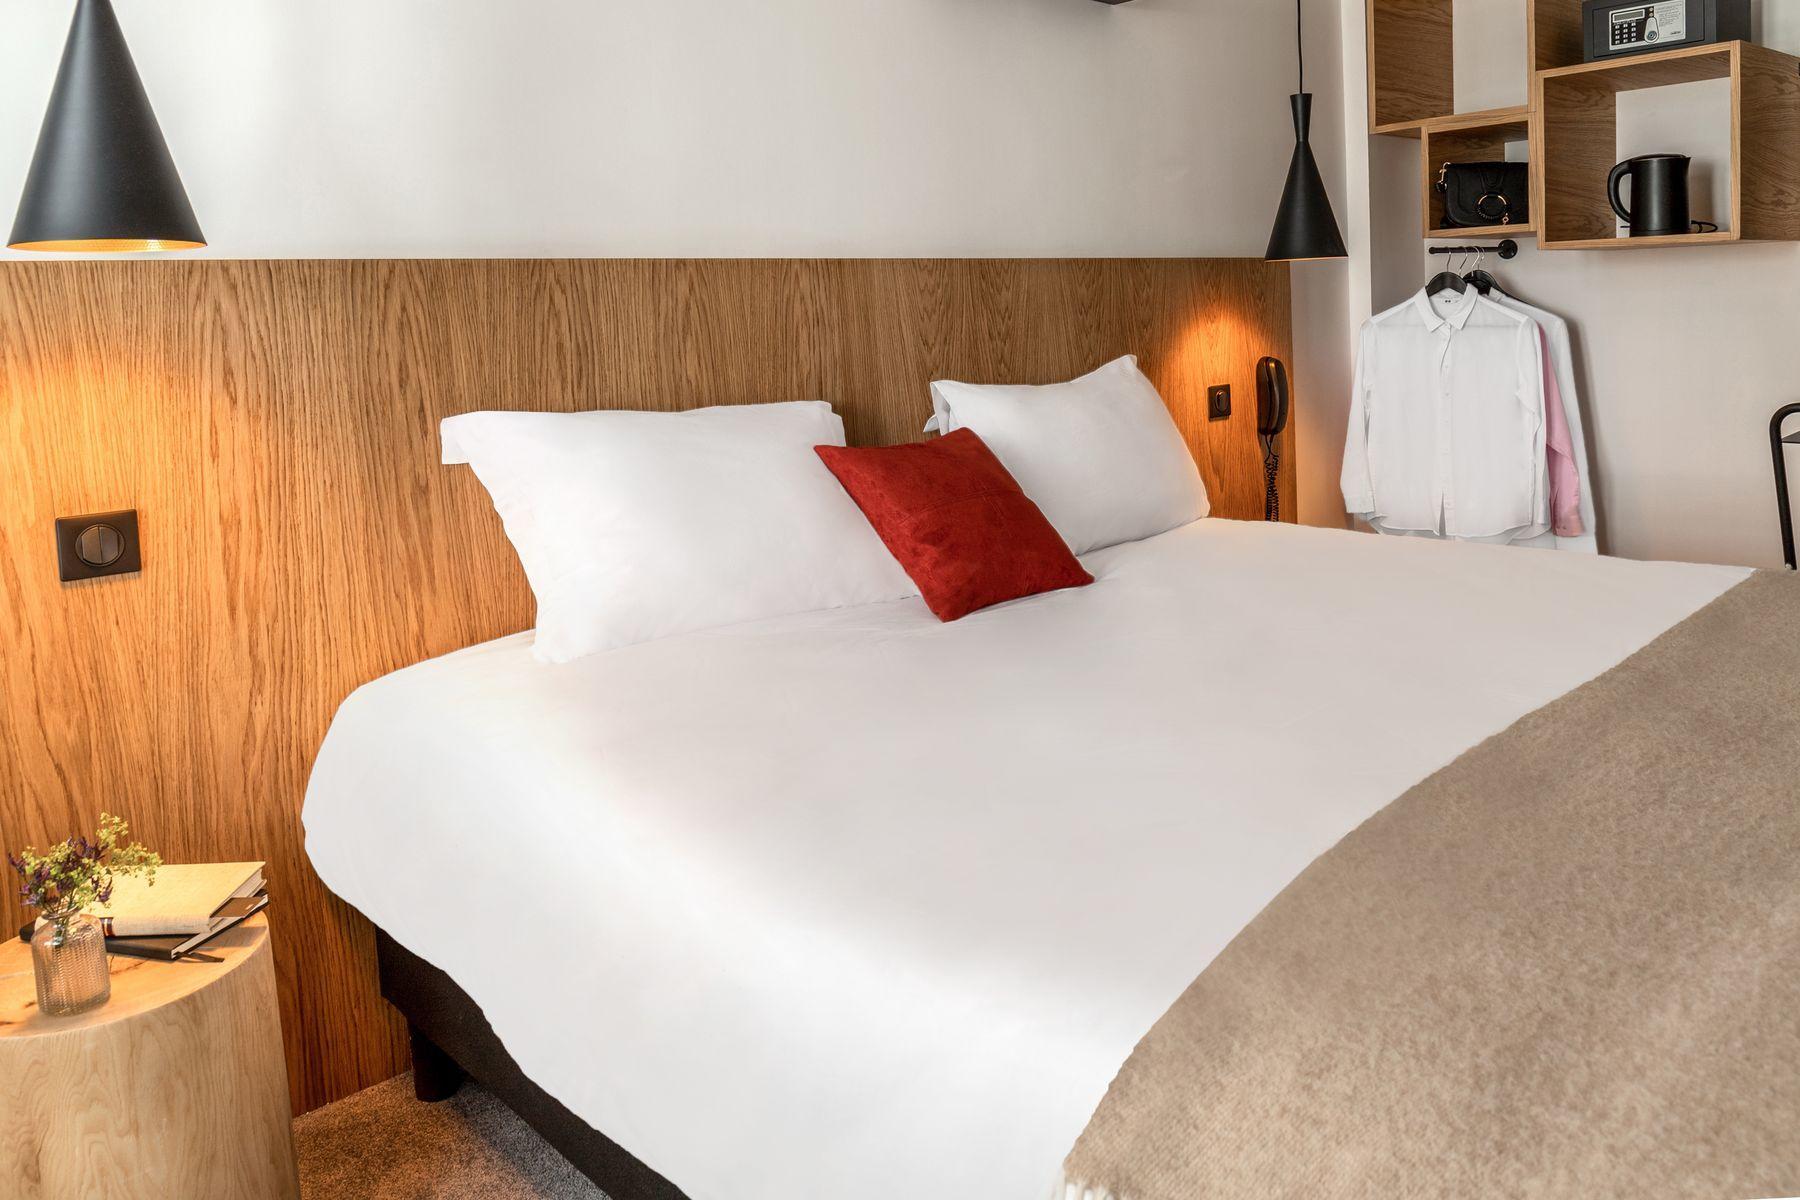 Chambres 9 hotel Bastille-Lyon 3 étoiles Paris 12